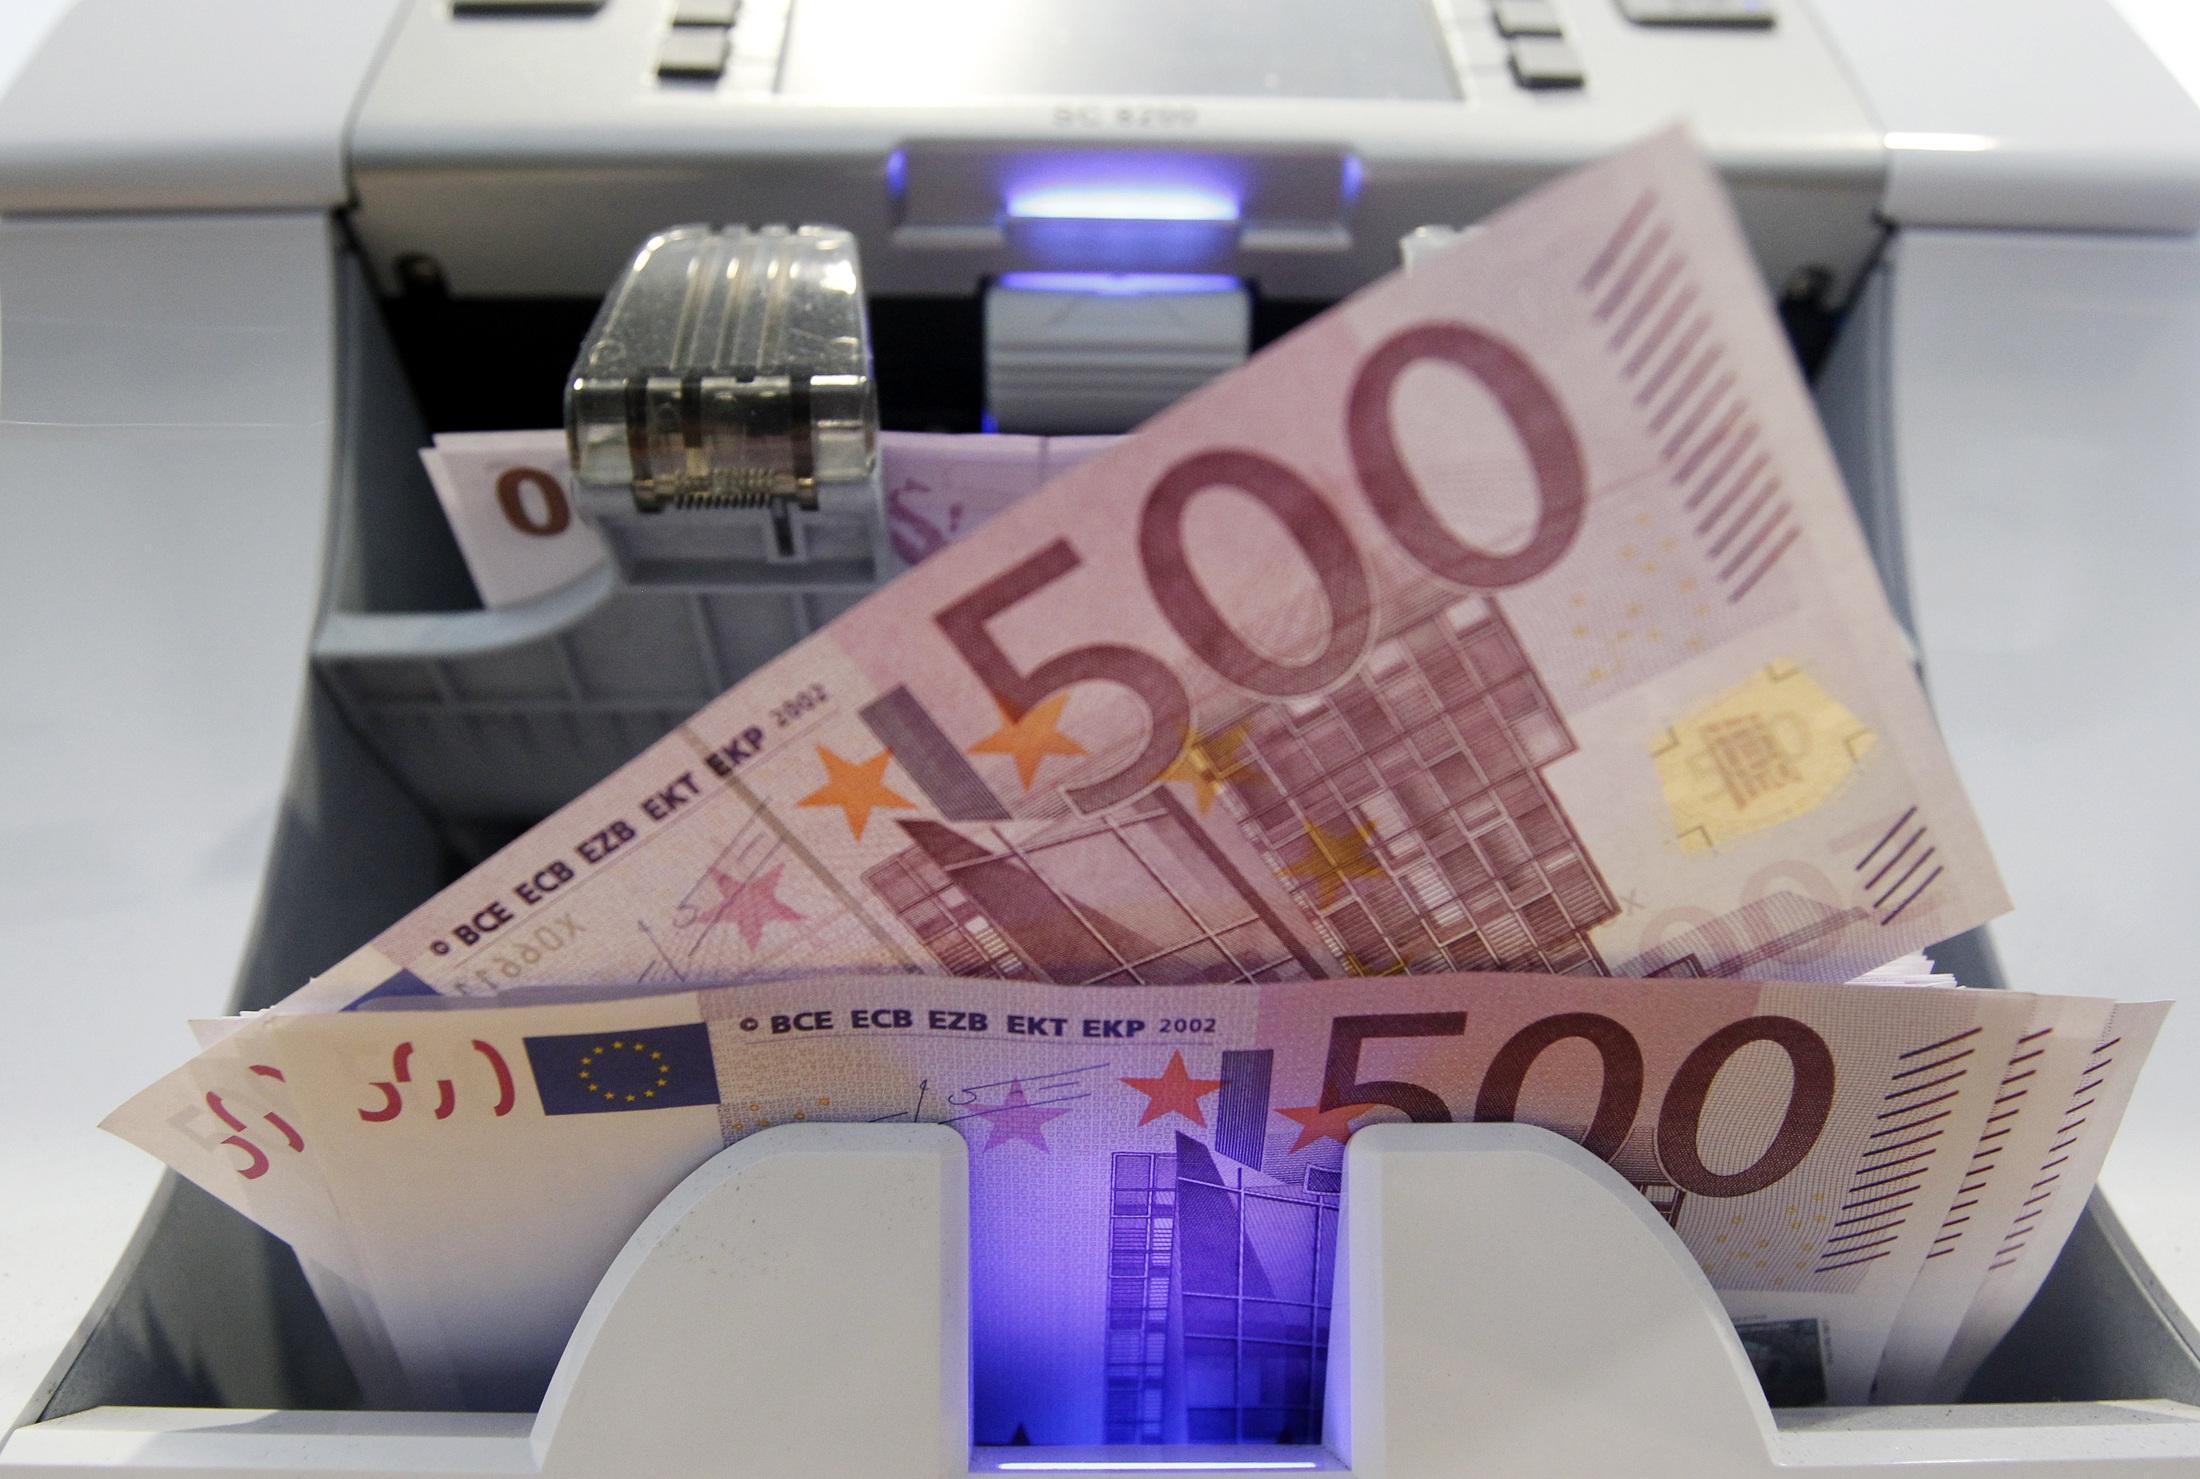 أسعار العملات اليوم الأربعاء 17-1-2018 واستقرار الدينار والاسترلينى 839790-سعر-اليورو-ال